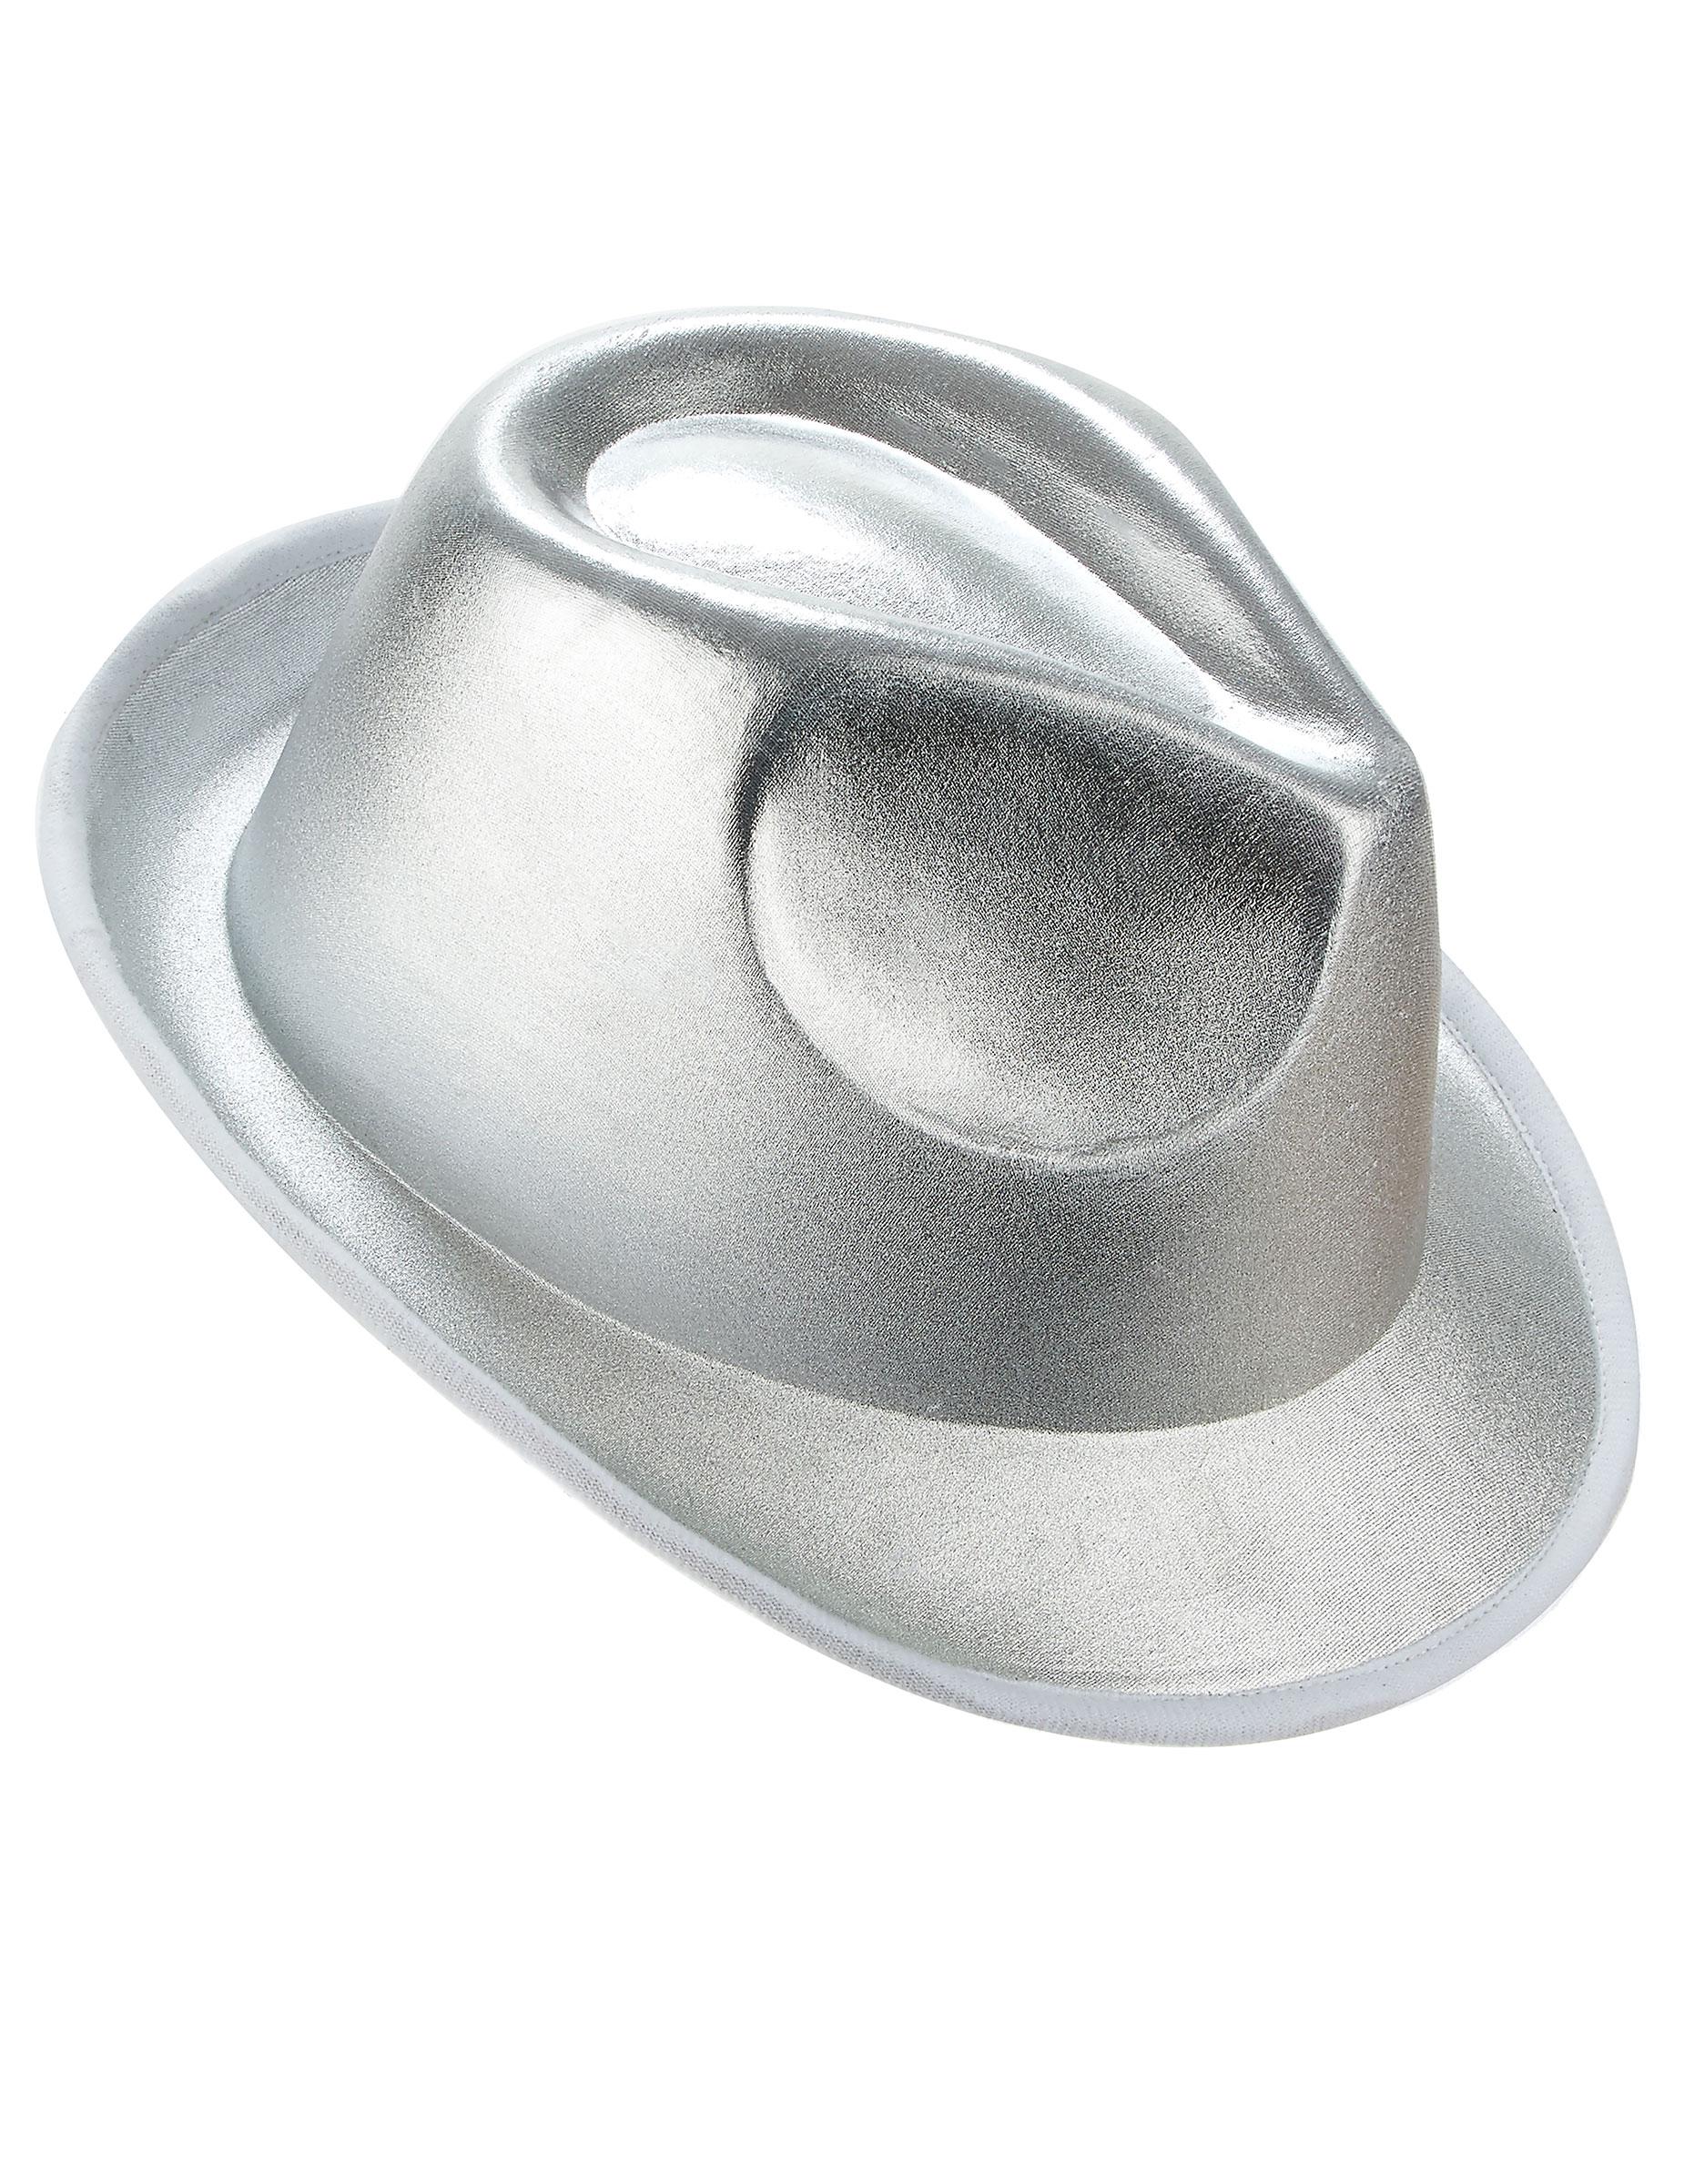 Cappello stile borsalino color argento adulto su VegaooParty ... c9ac6827cceb